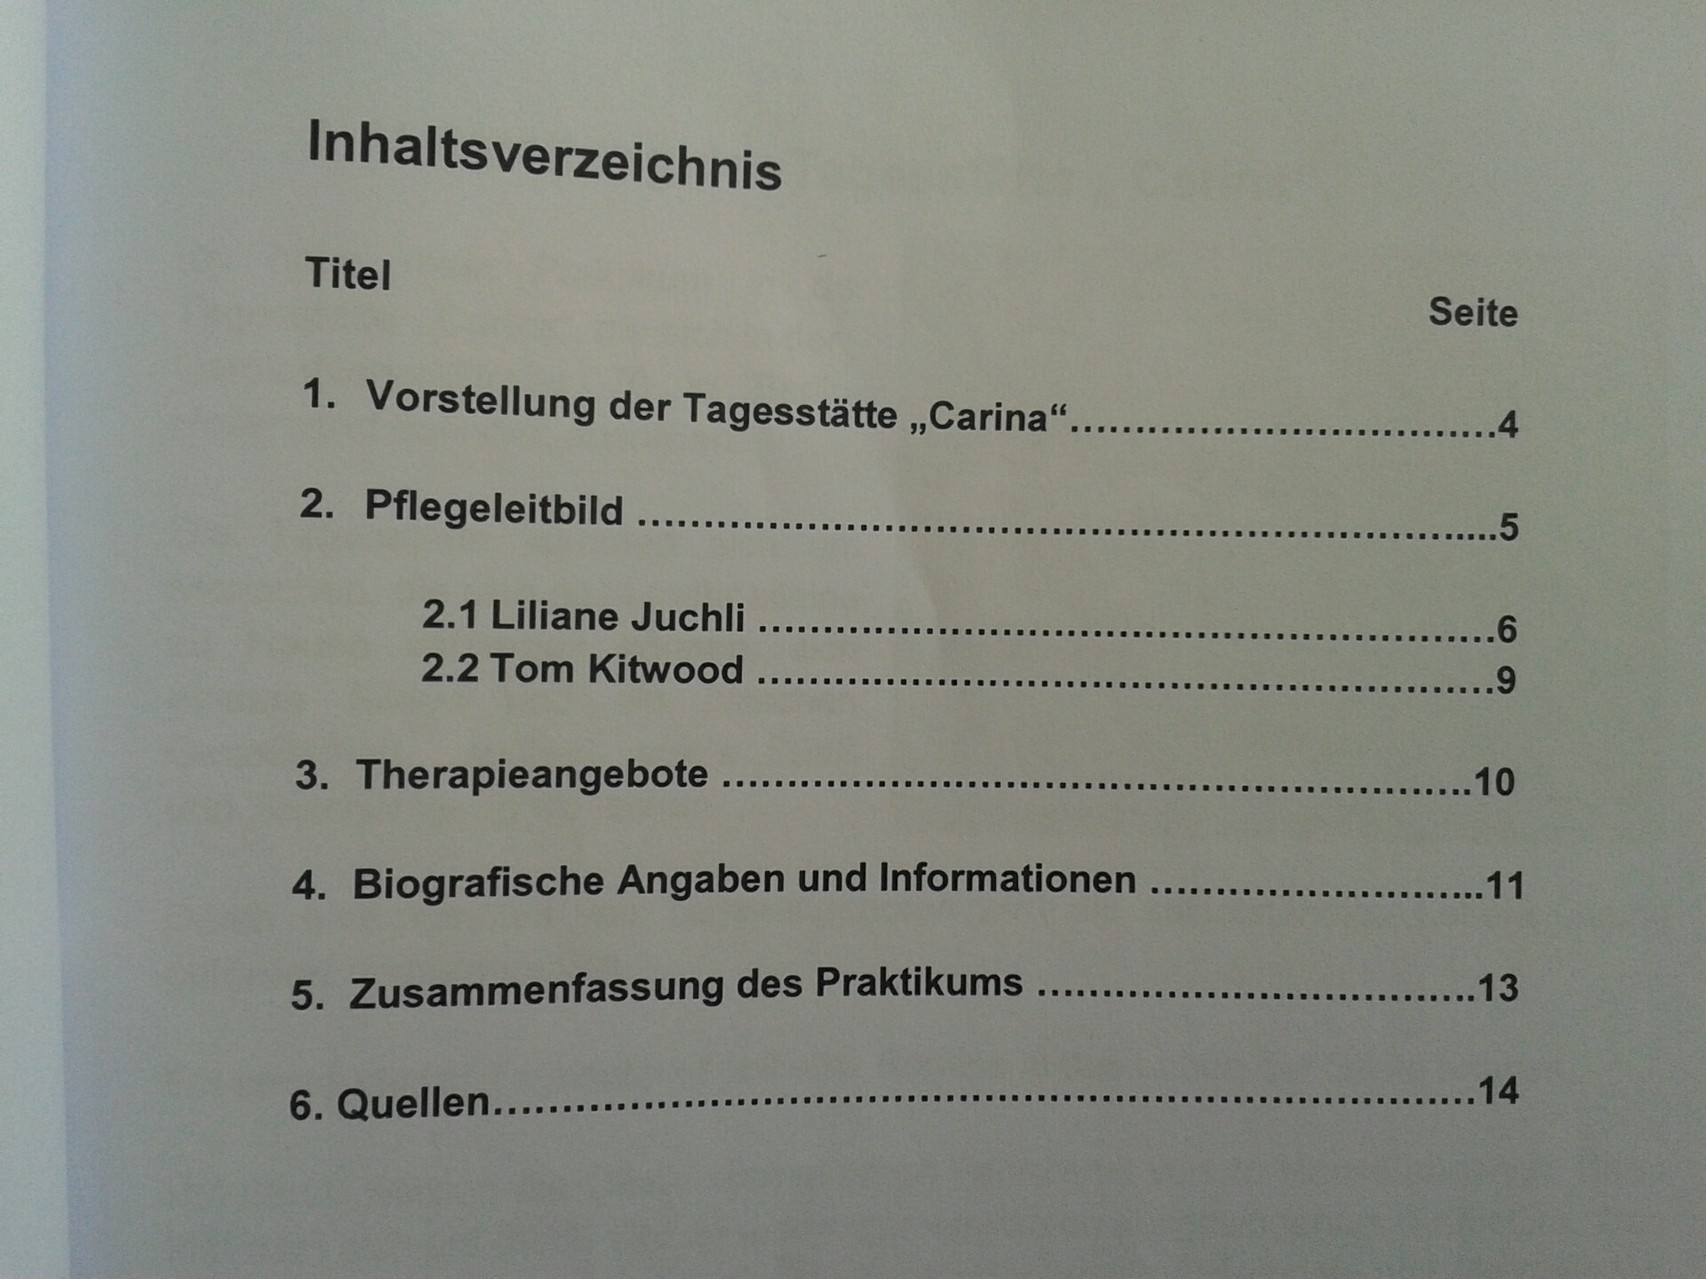 Arbeitsblätter Zu Juchli Pflege : Ausbildung pflege soziales netzwerk bib berlin